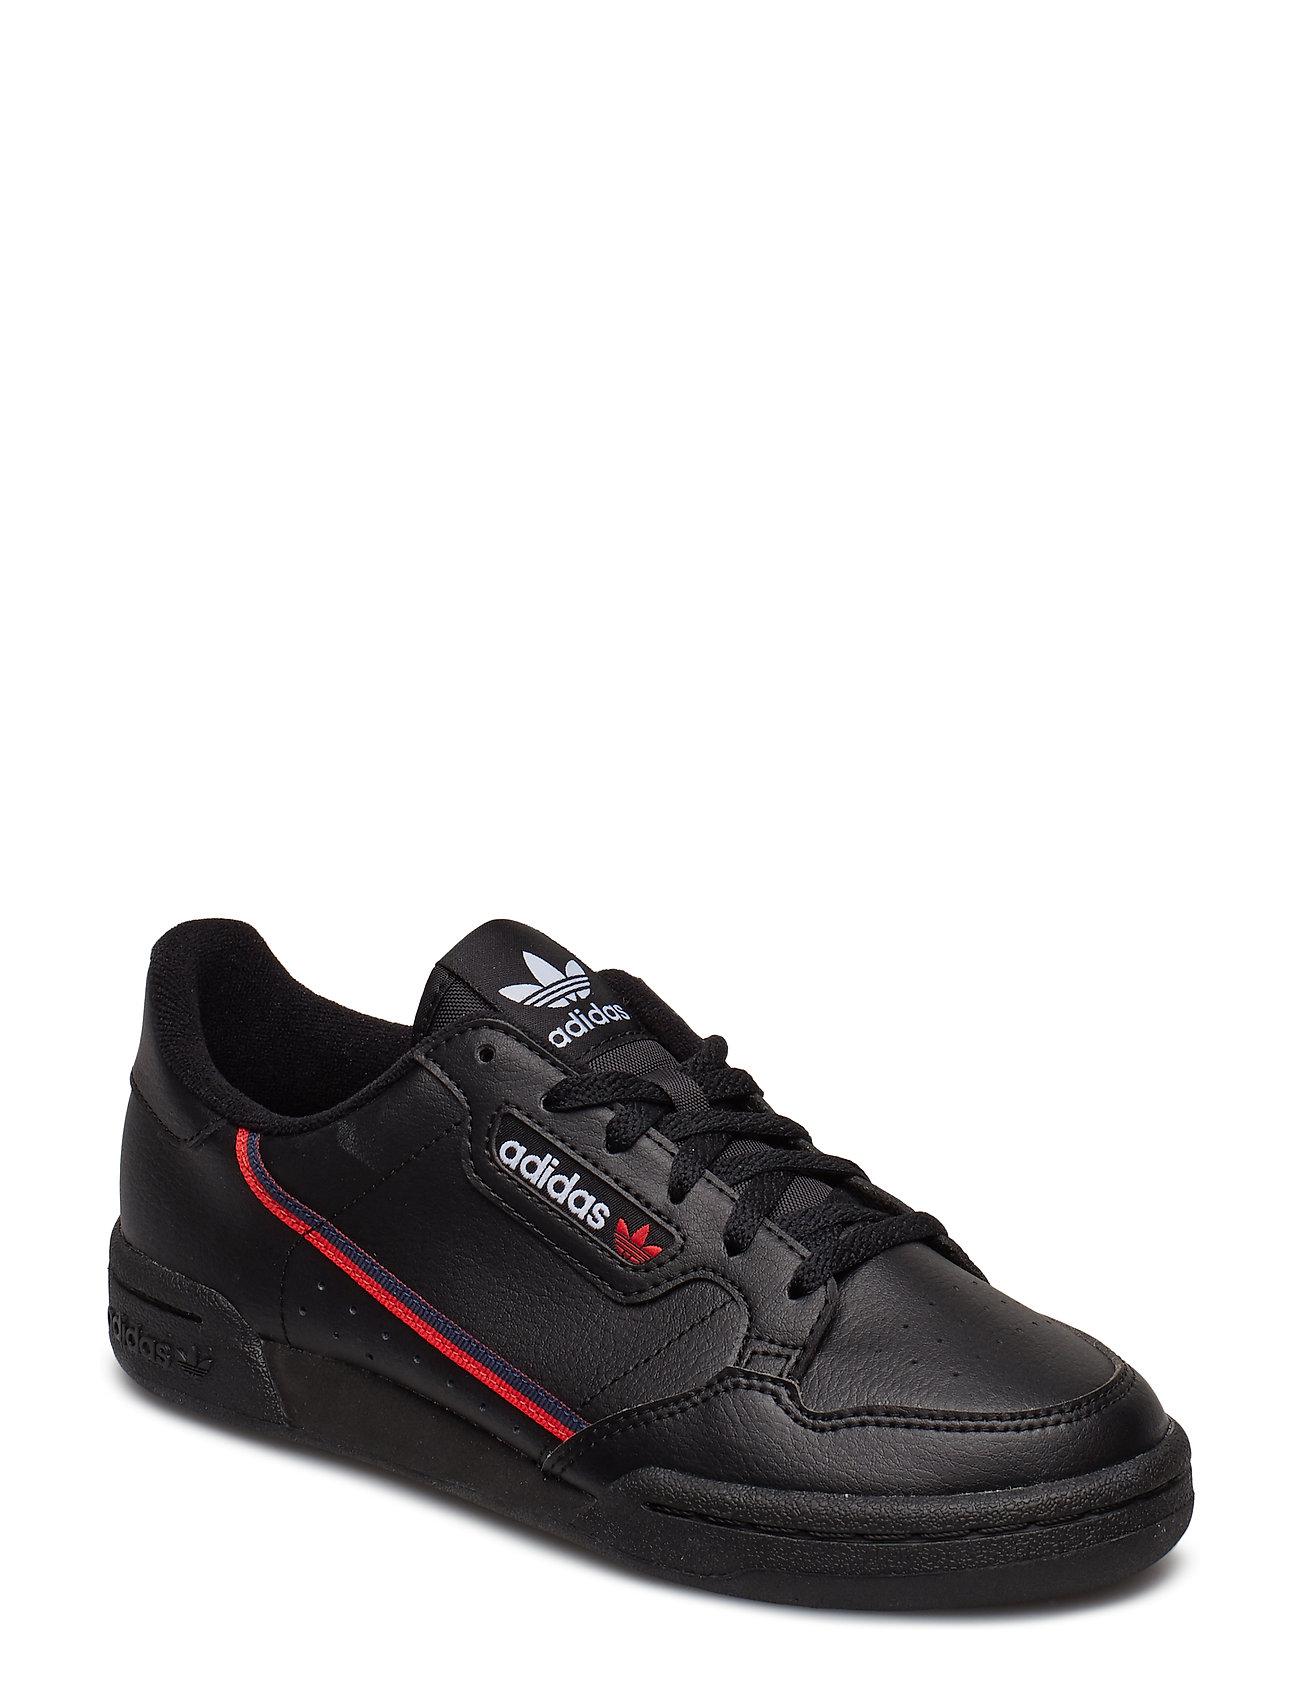 ff3aa95b9 Continental 80 J (Cblack scarle conavy) (64.95 €) - adidas Originals ...